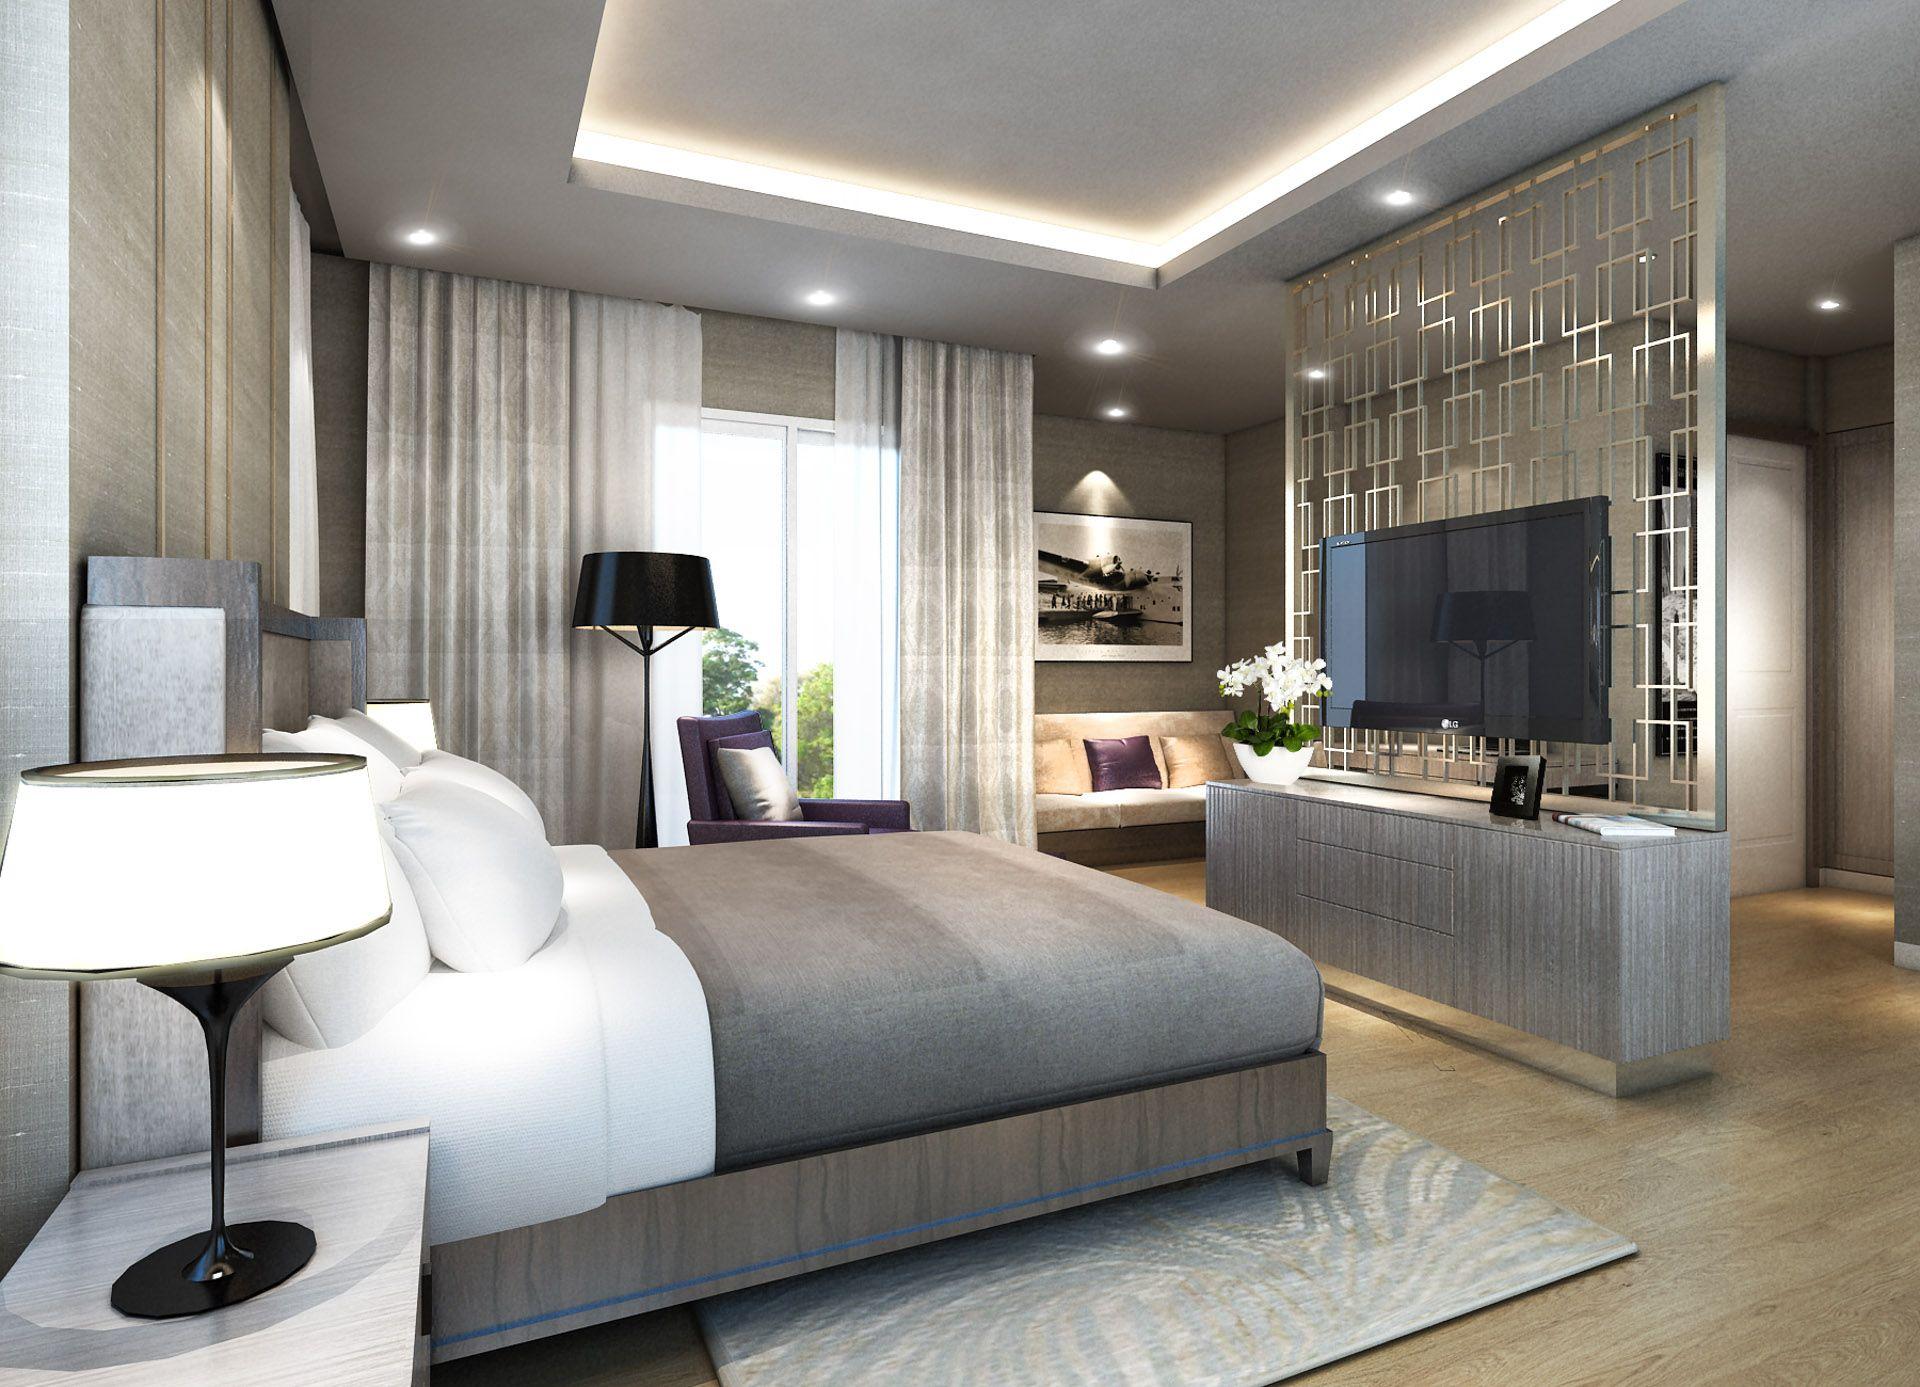 Len Für Hohe Decken minimalist mountainside contemporary bedroom ownby